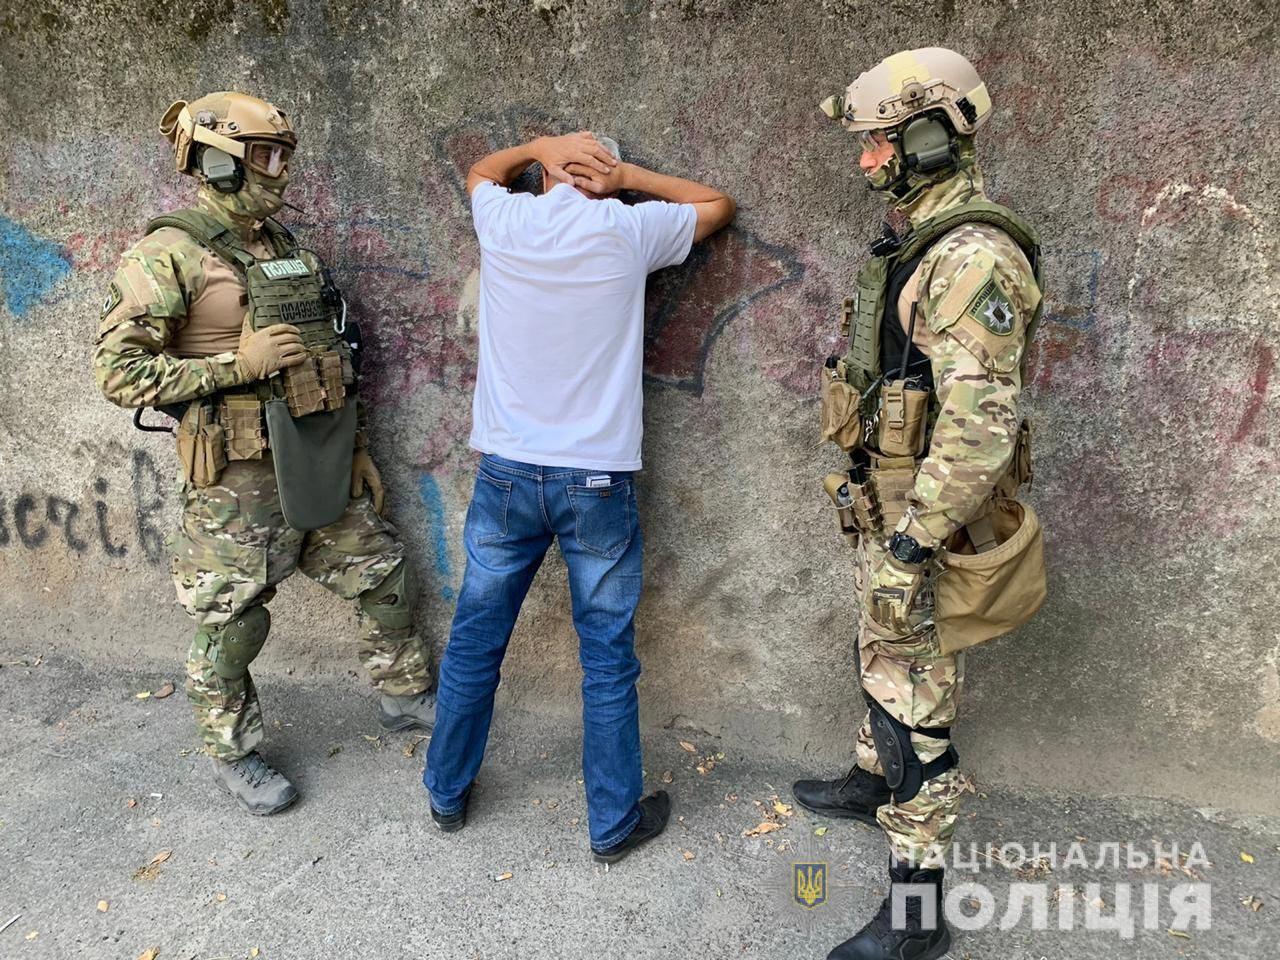 Задержали банду вооруженных рекетиров. Новости Днепра